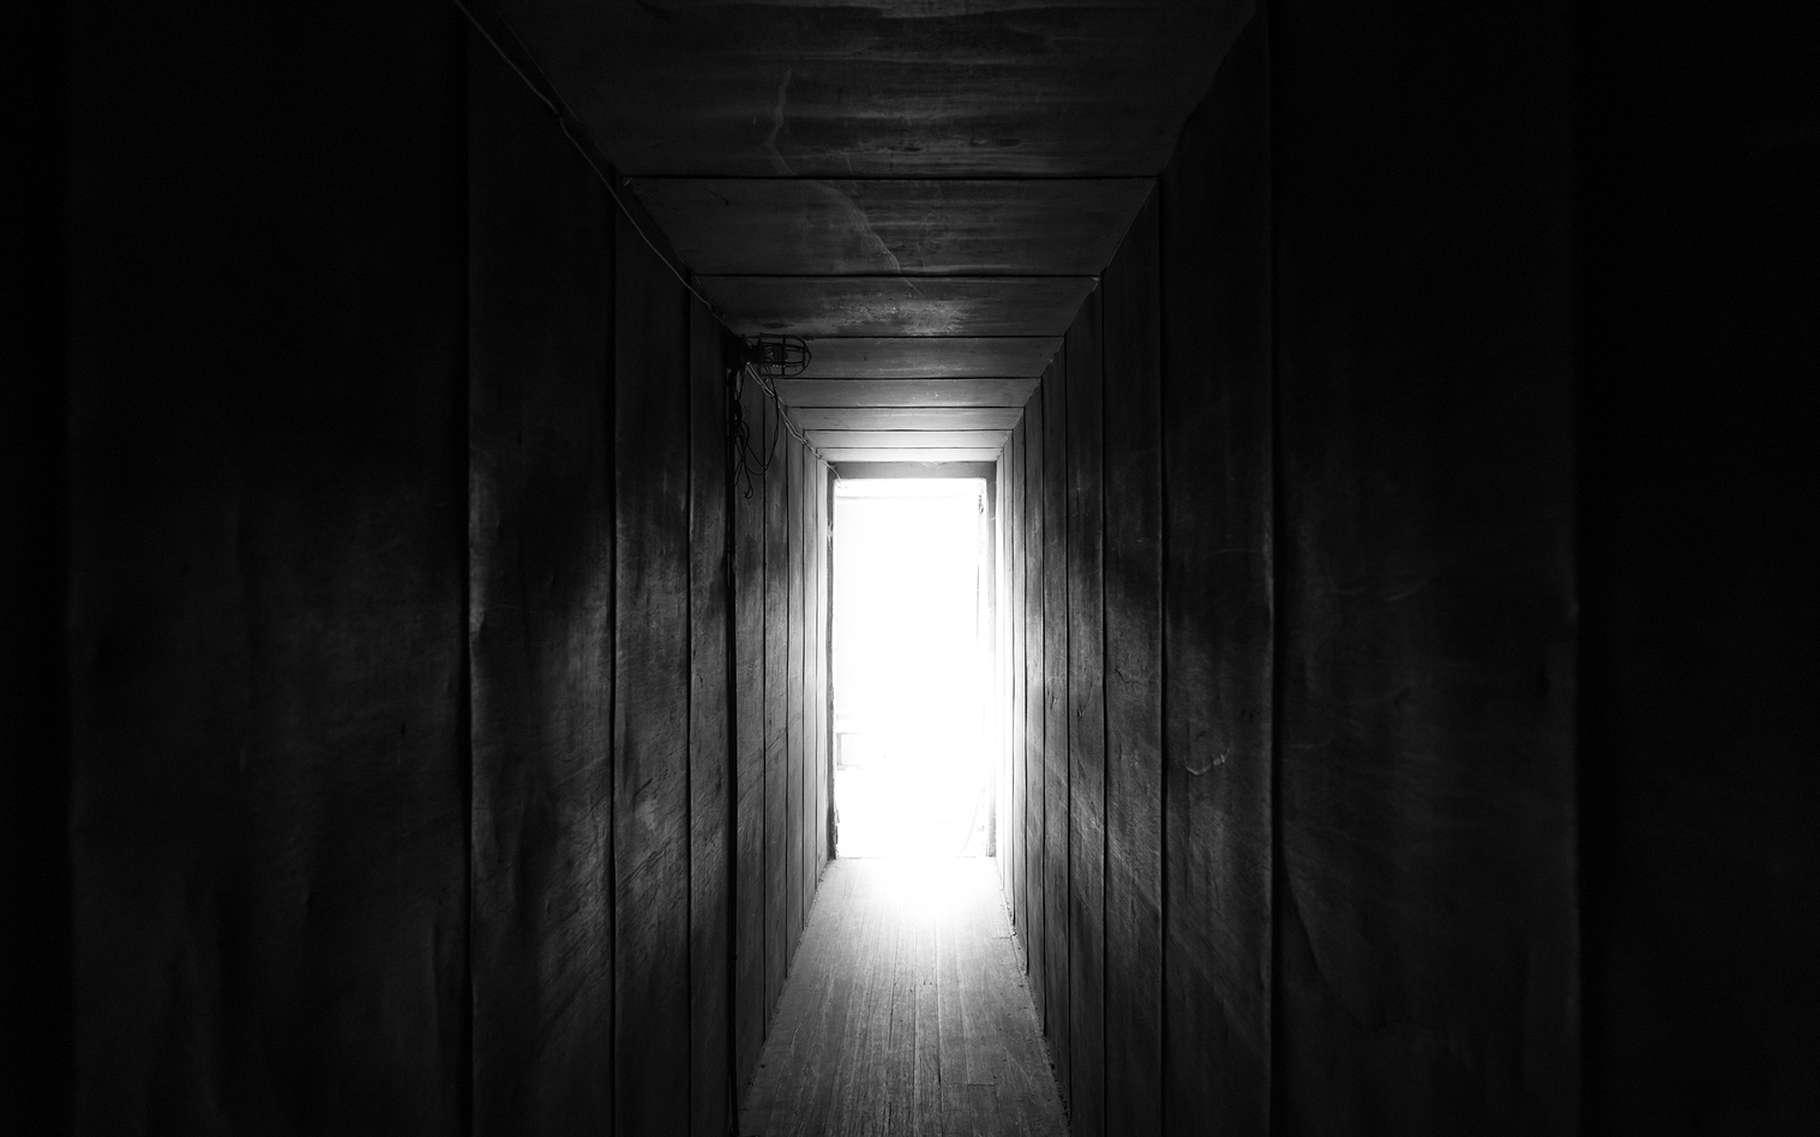 Les « ressuscités » d'arrêt cardiaque se souviennent parfois avoir vu de la lumière, mais ont aussi d'autres sensations comme de la peur. © Pung, Shutterstock